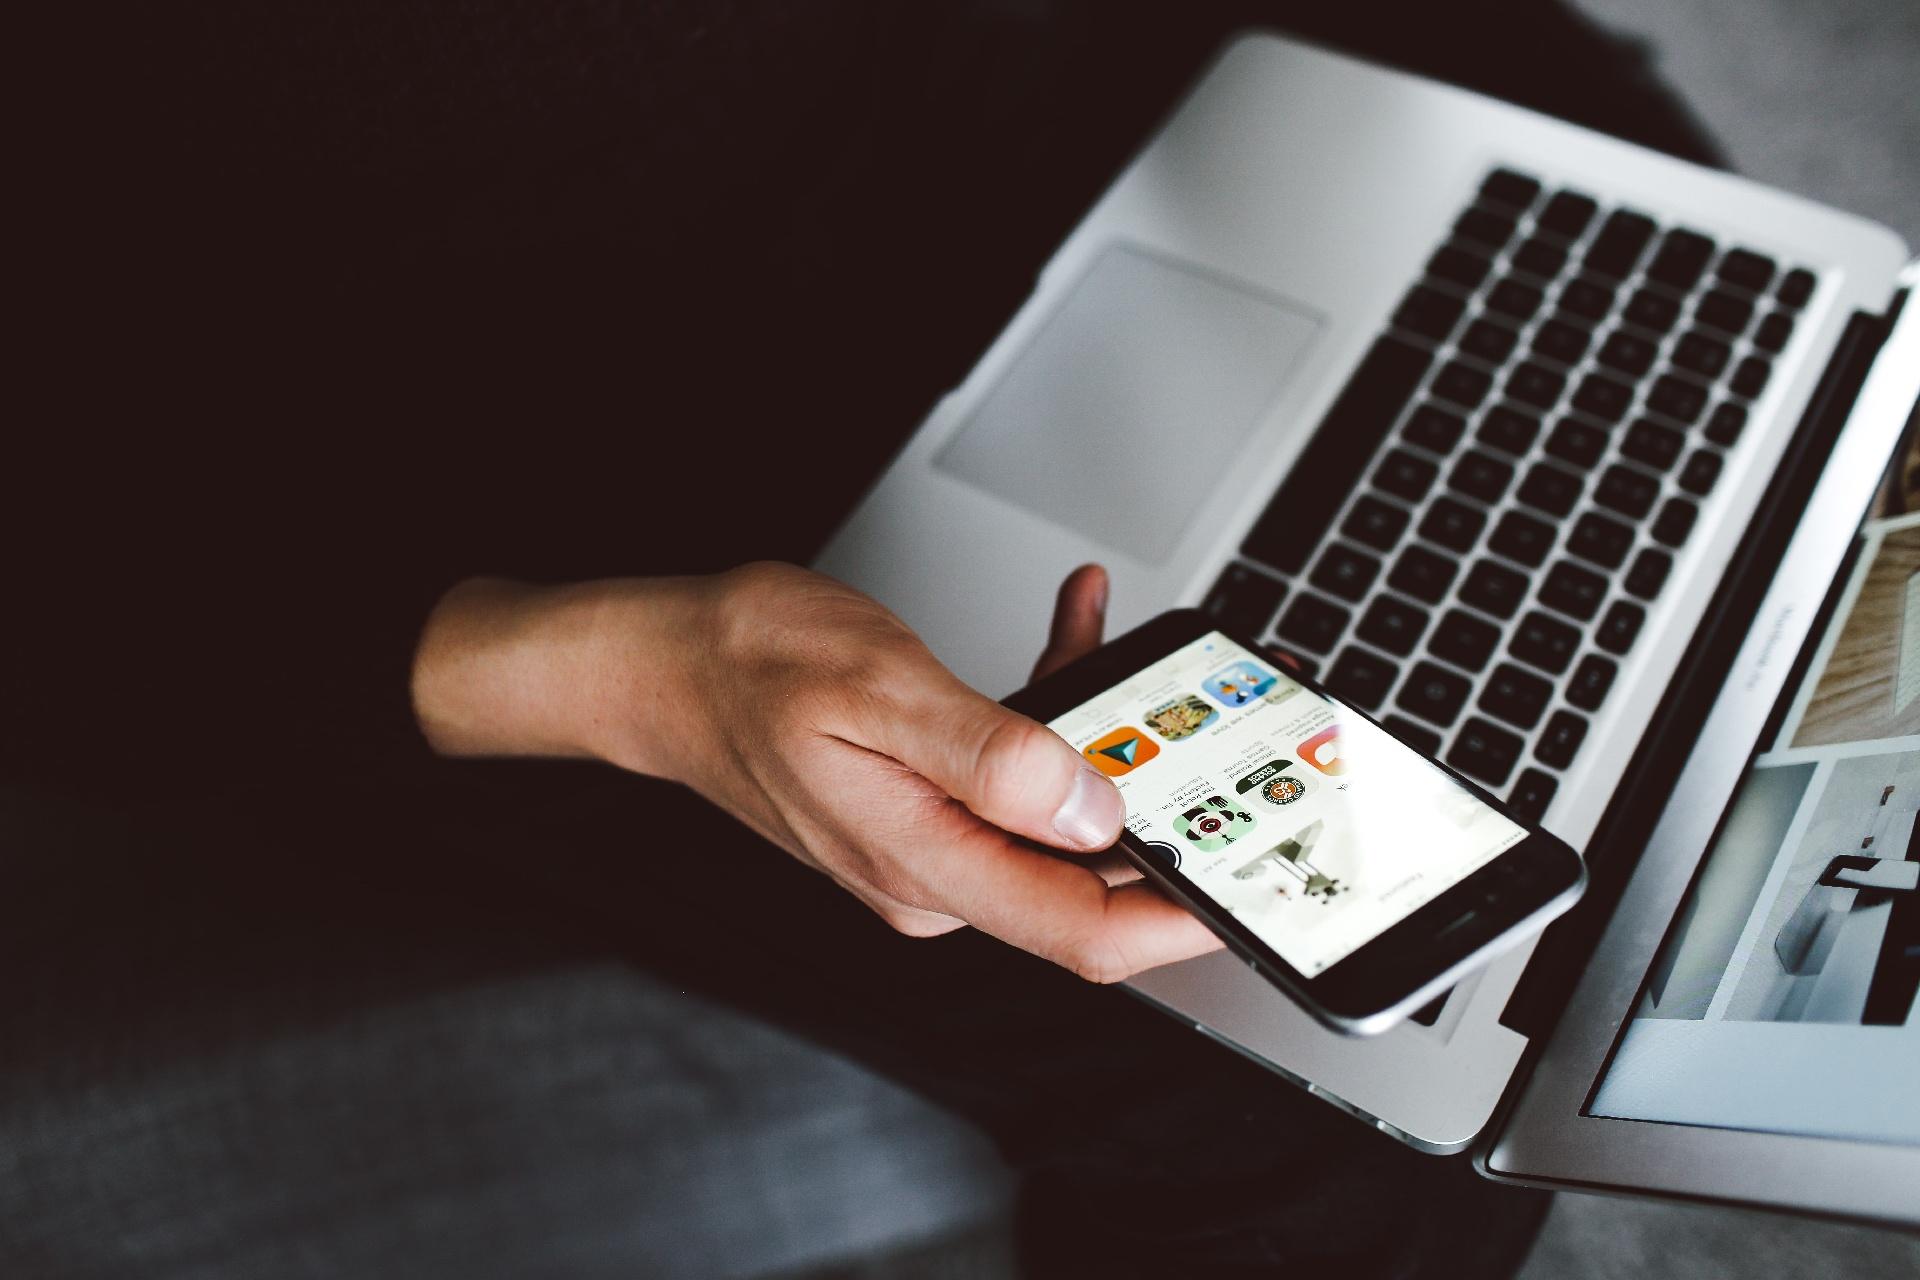 Emarsys veröffentlicht wichtige Updates für seine Omnichannel-Customer Engagement-Plattform_cmm360_Photo by Lilly Rum on Unsplash